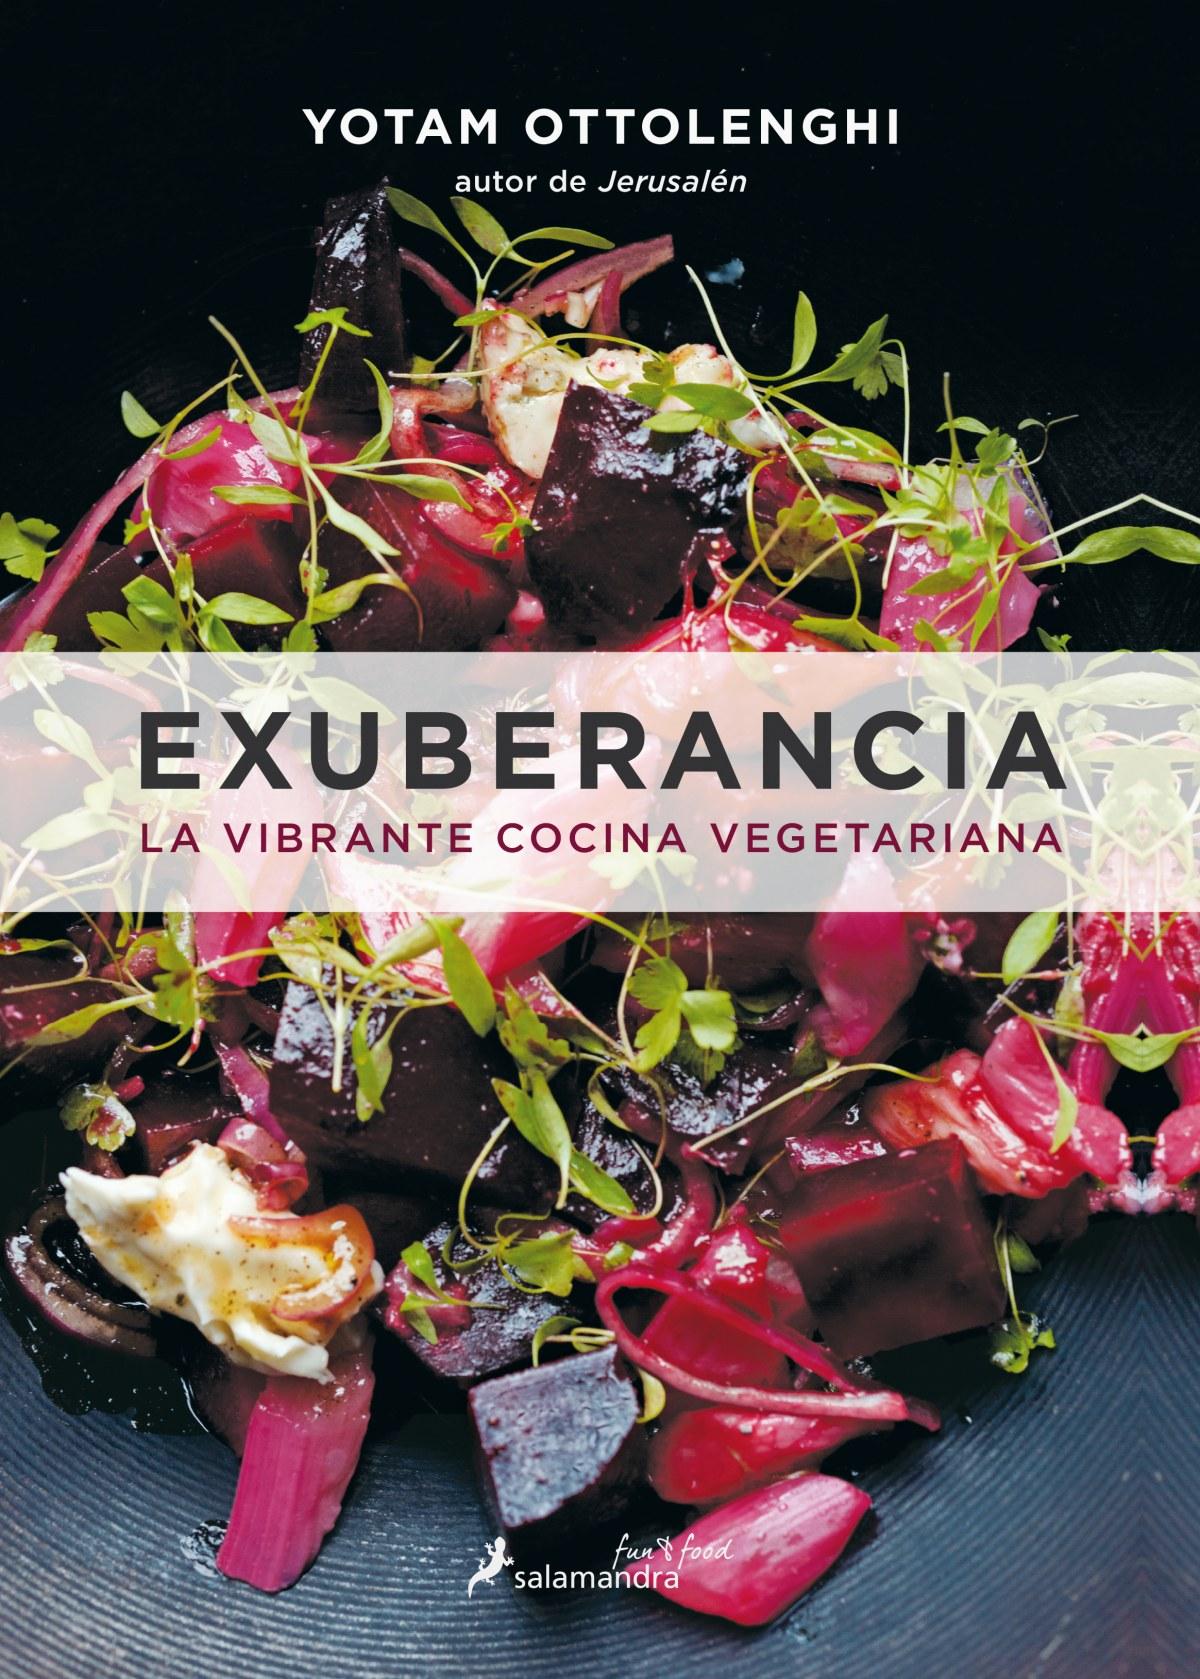 EXUBERANCIA: LA VIBRANTE COCINA VEGETARIANA 9788416295074